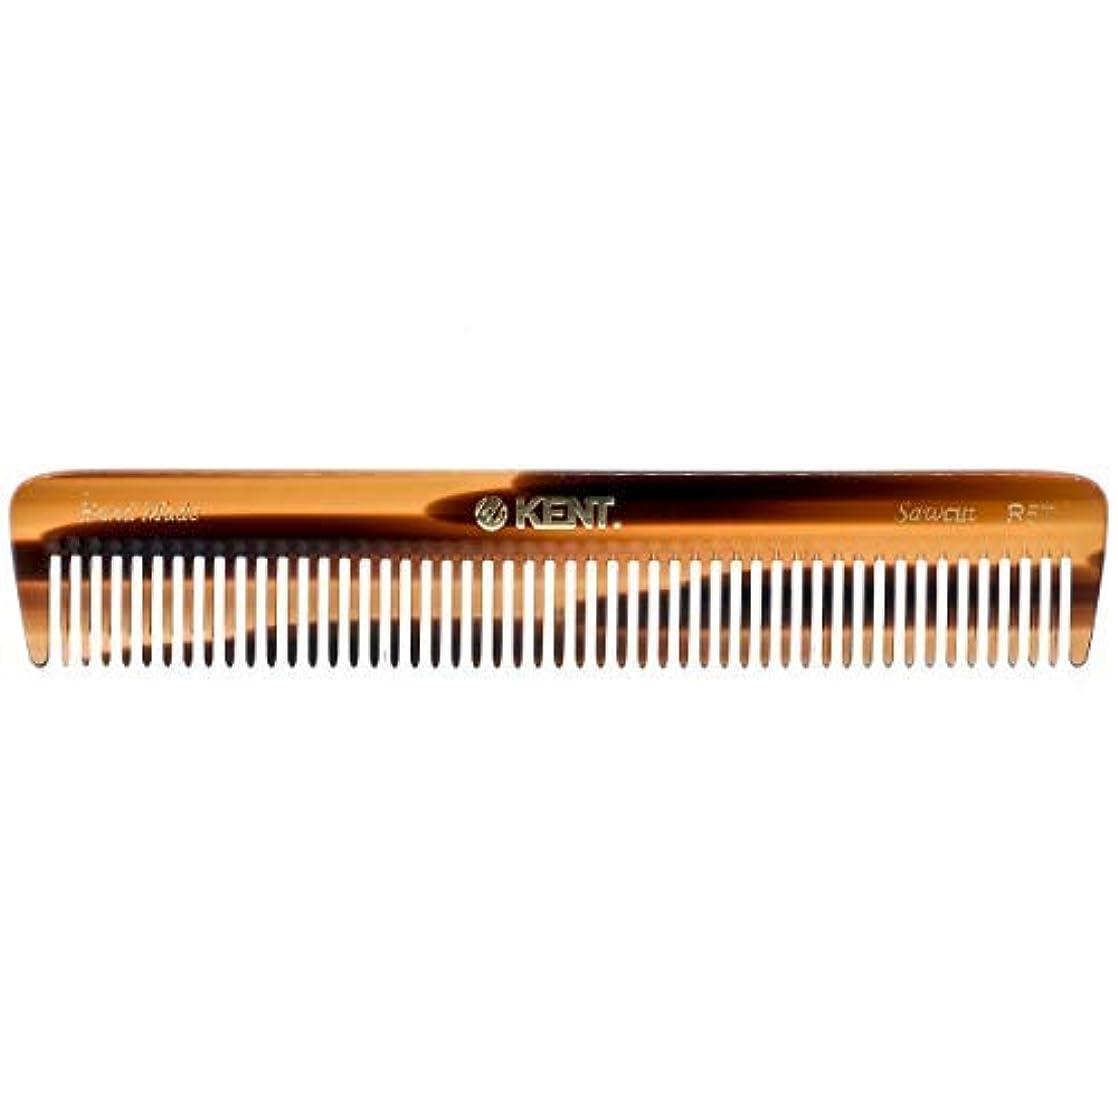 流す変動する悔い改めKent The Hand Made Comb Coarse/Fine for Men 6.5 Inch, 1 Ounce [並行輸入品]